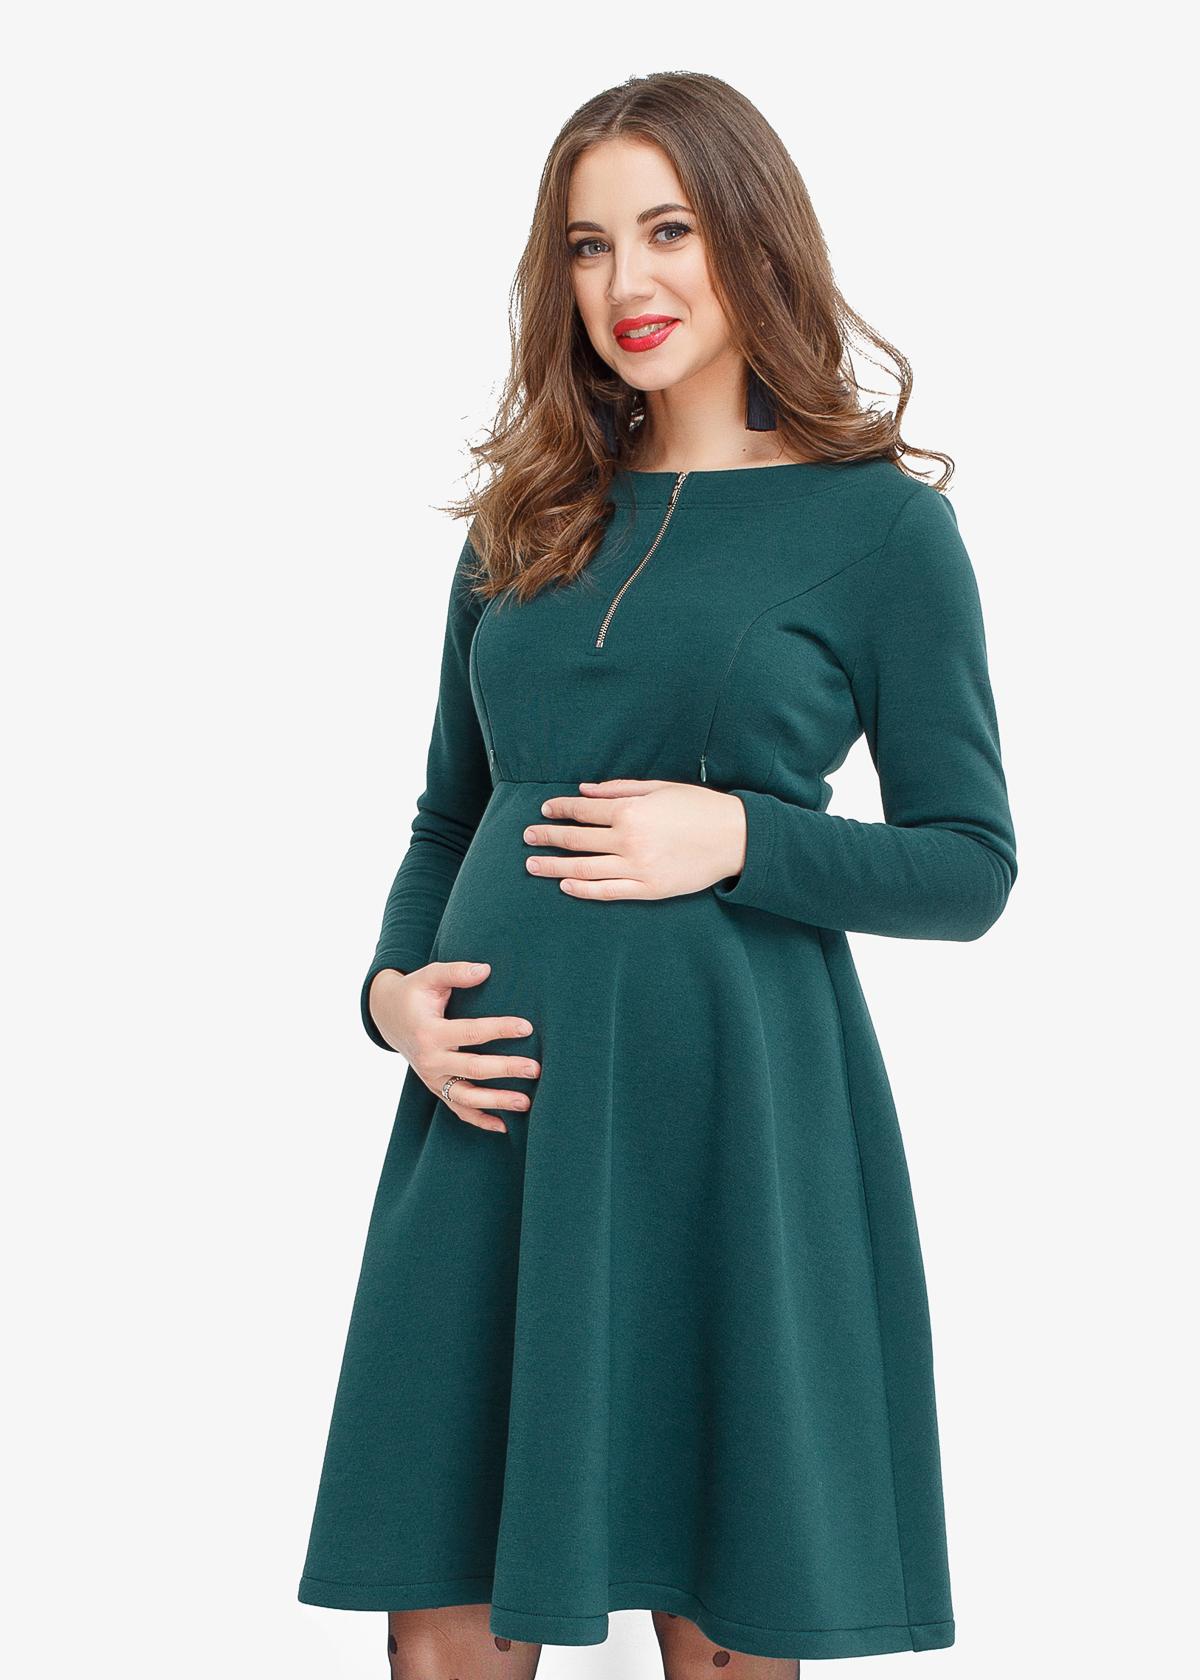 Фото: теплле платье для беременной девушки Hvoya